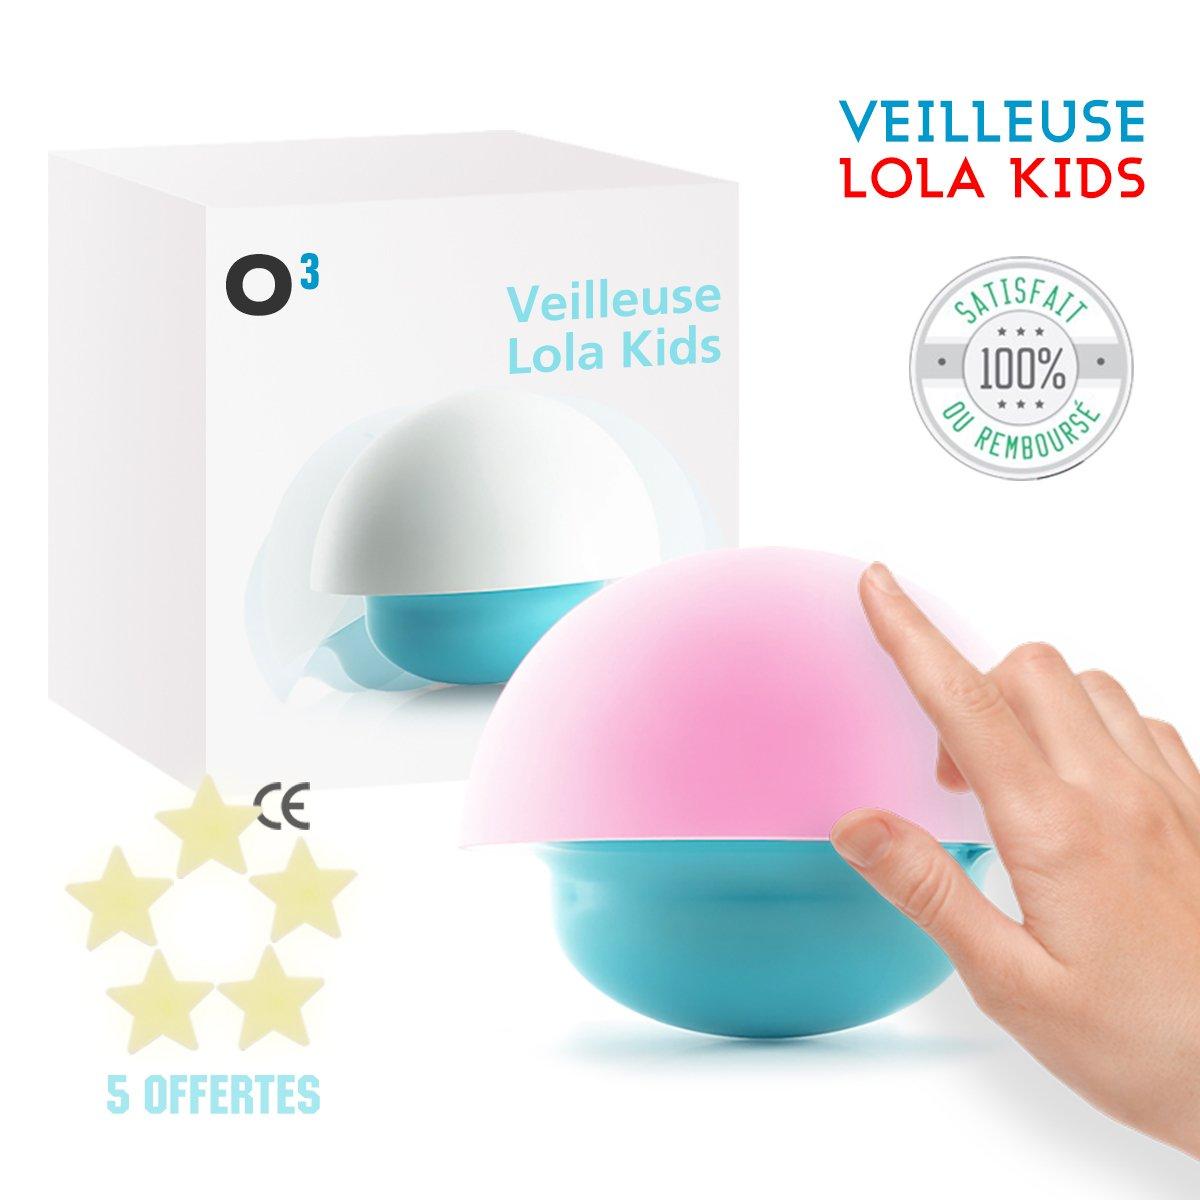 O³ Veilleuse Nomade Lola Kids - Lampe de Nuit Tactile pour Enfant - Format Voyage - Livrée avec 5 étoiles fluorescentes - Branchement USB ou Piles - Notice en Français - Norme CE